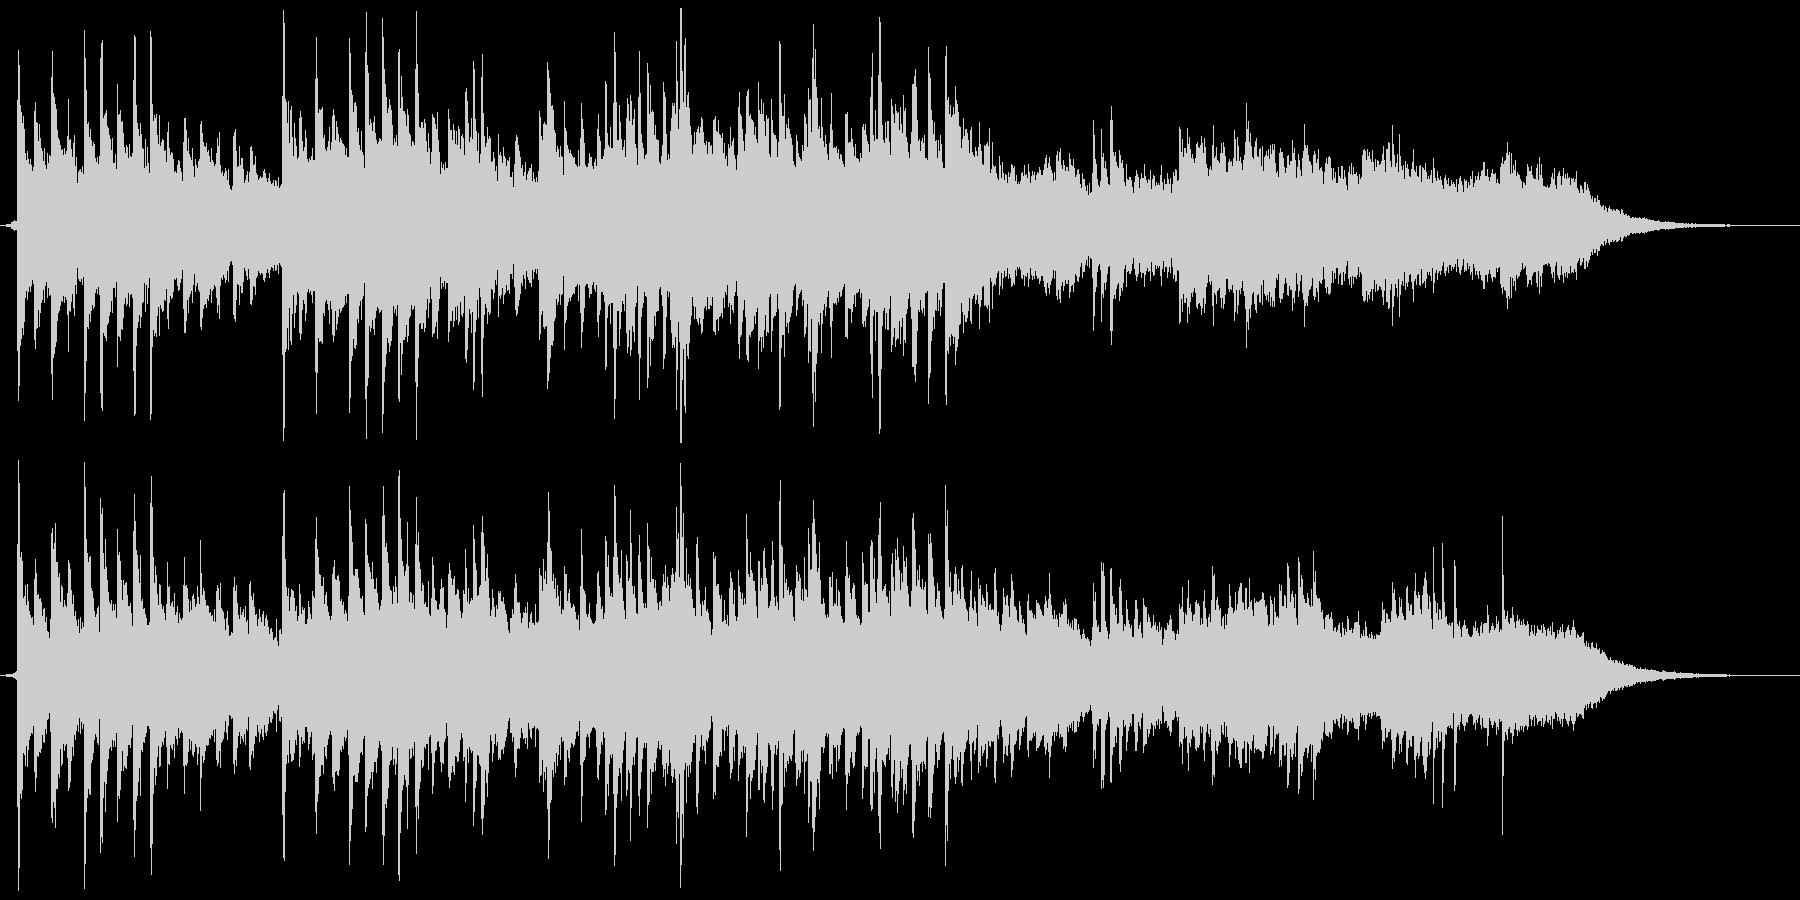 ふんわりシンセとピアノの優しいバラードの未再生の波形